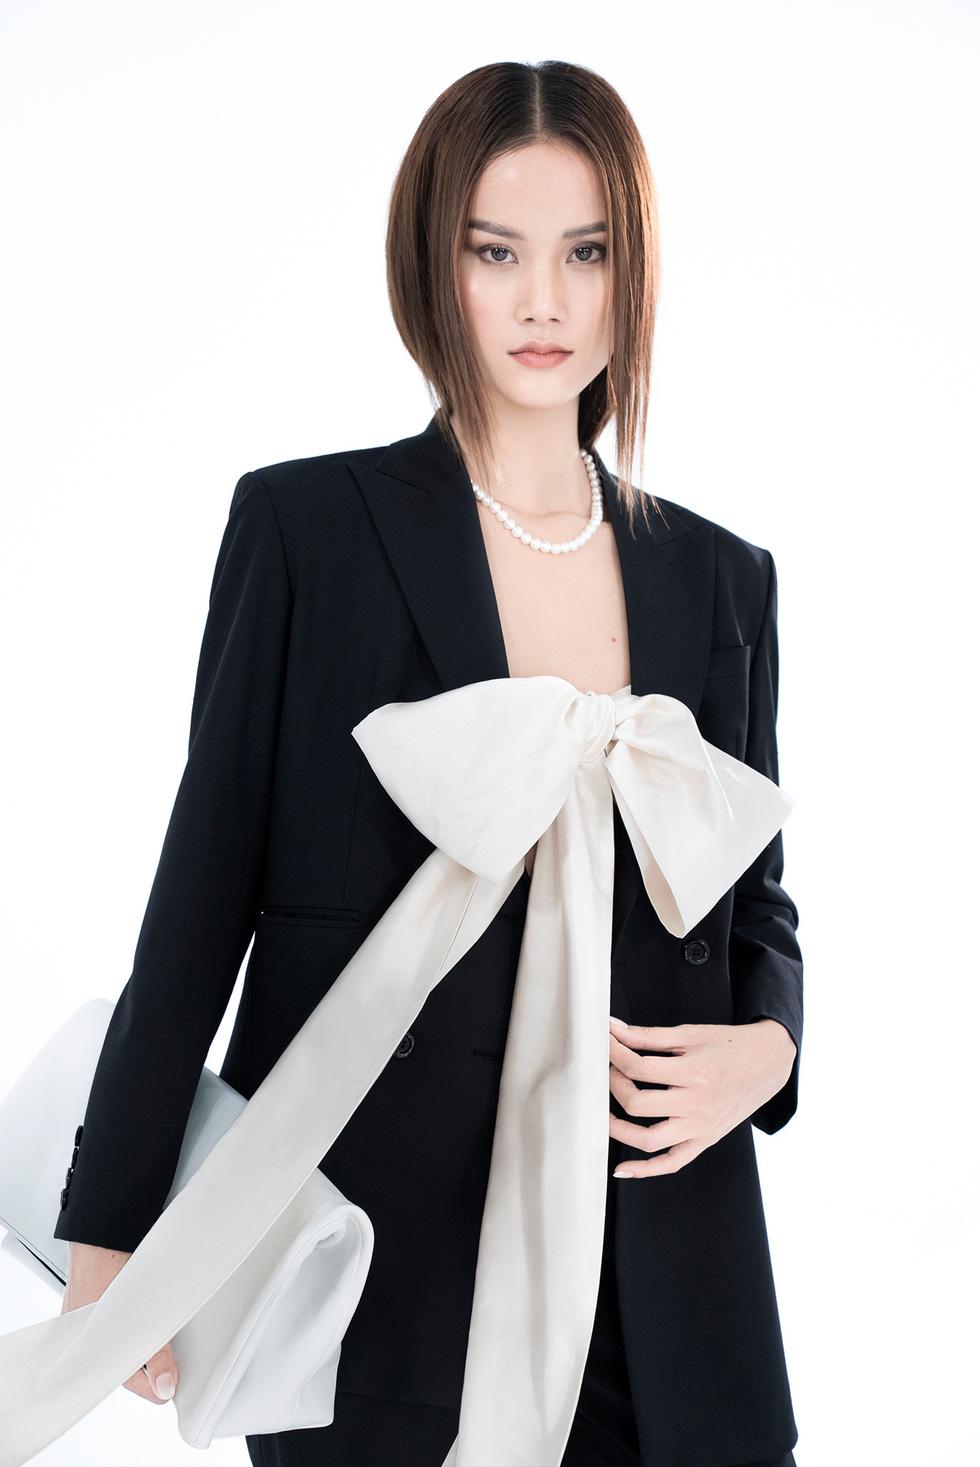 Trần Hùng công bố bộ sưu tập ấn tượng La Muse đến London Fashion Week - Ảnh 8.